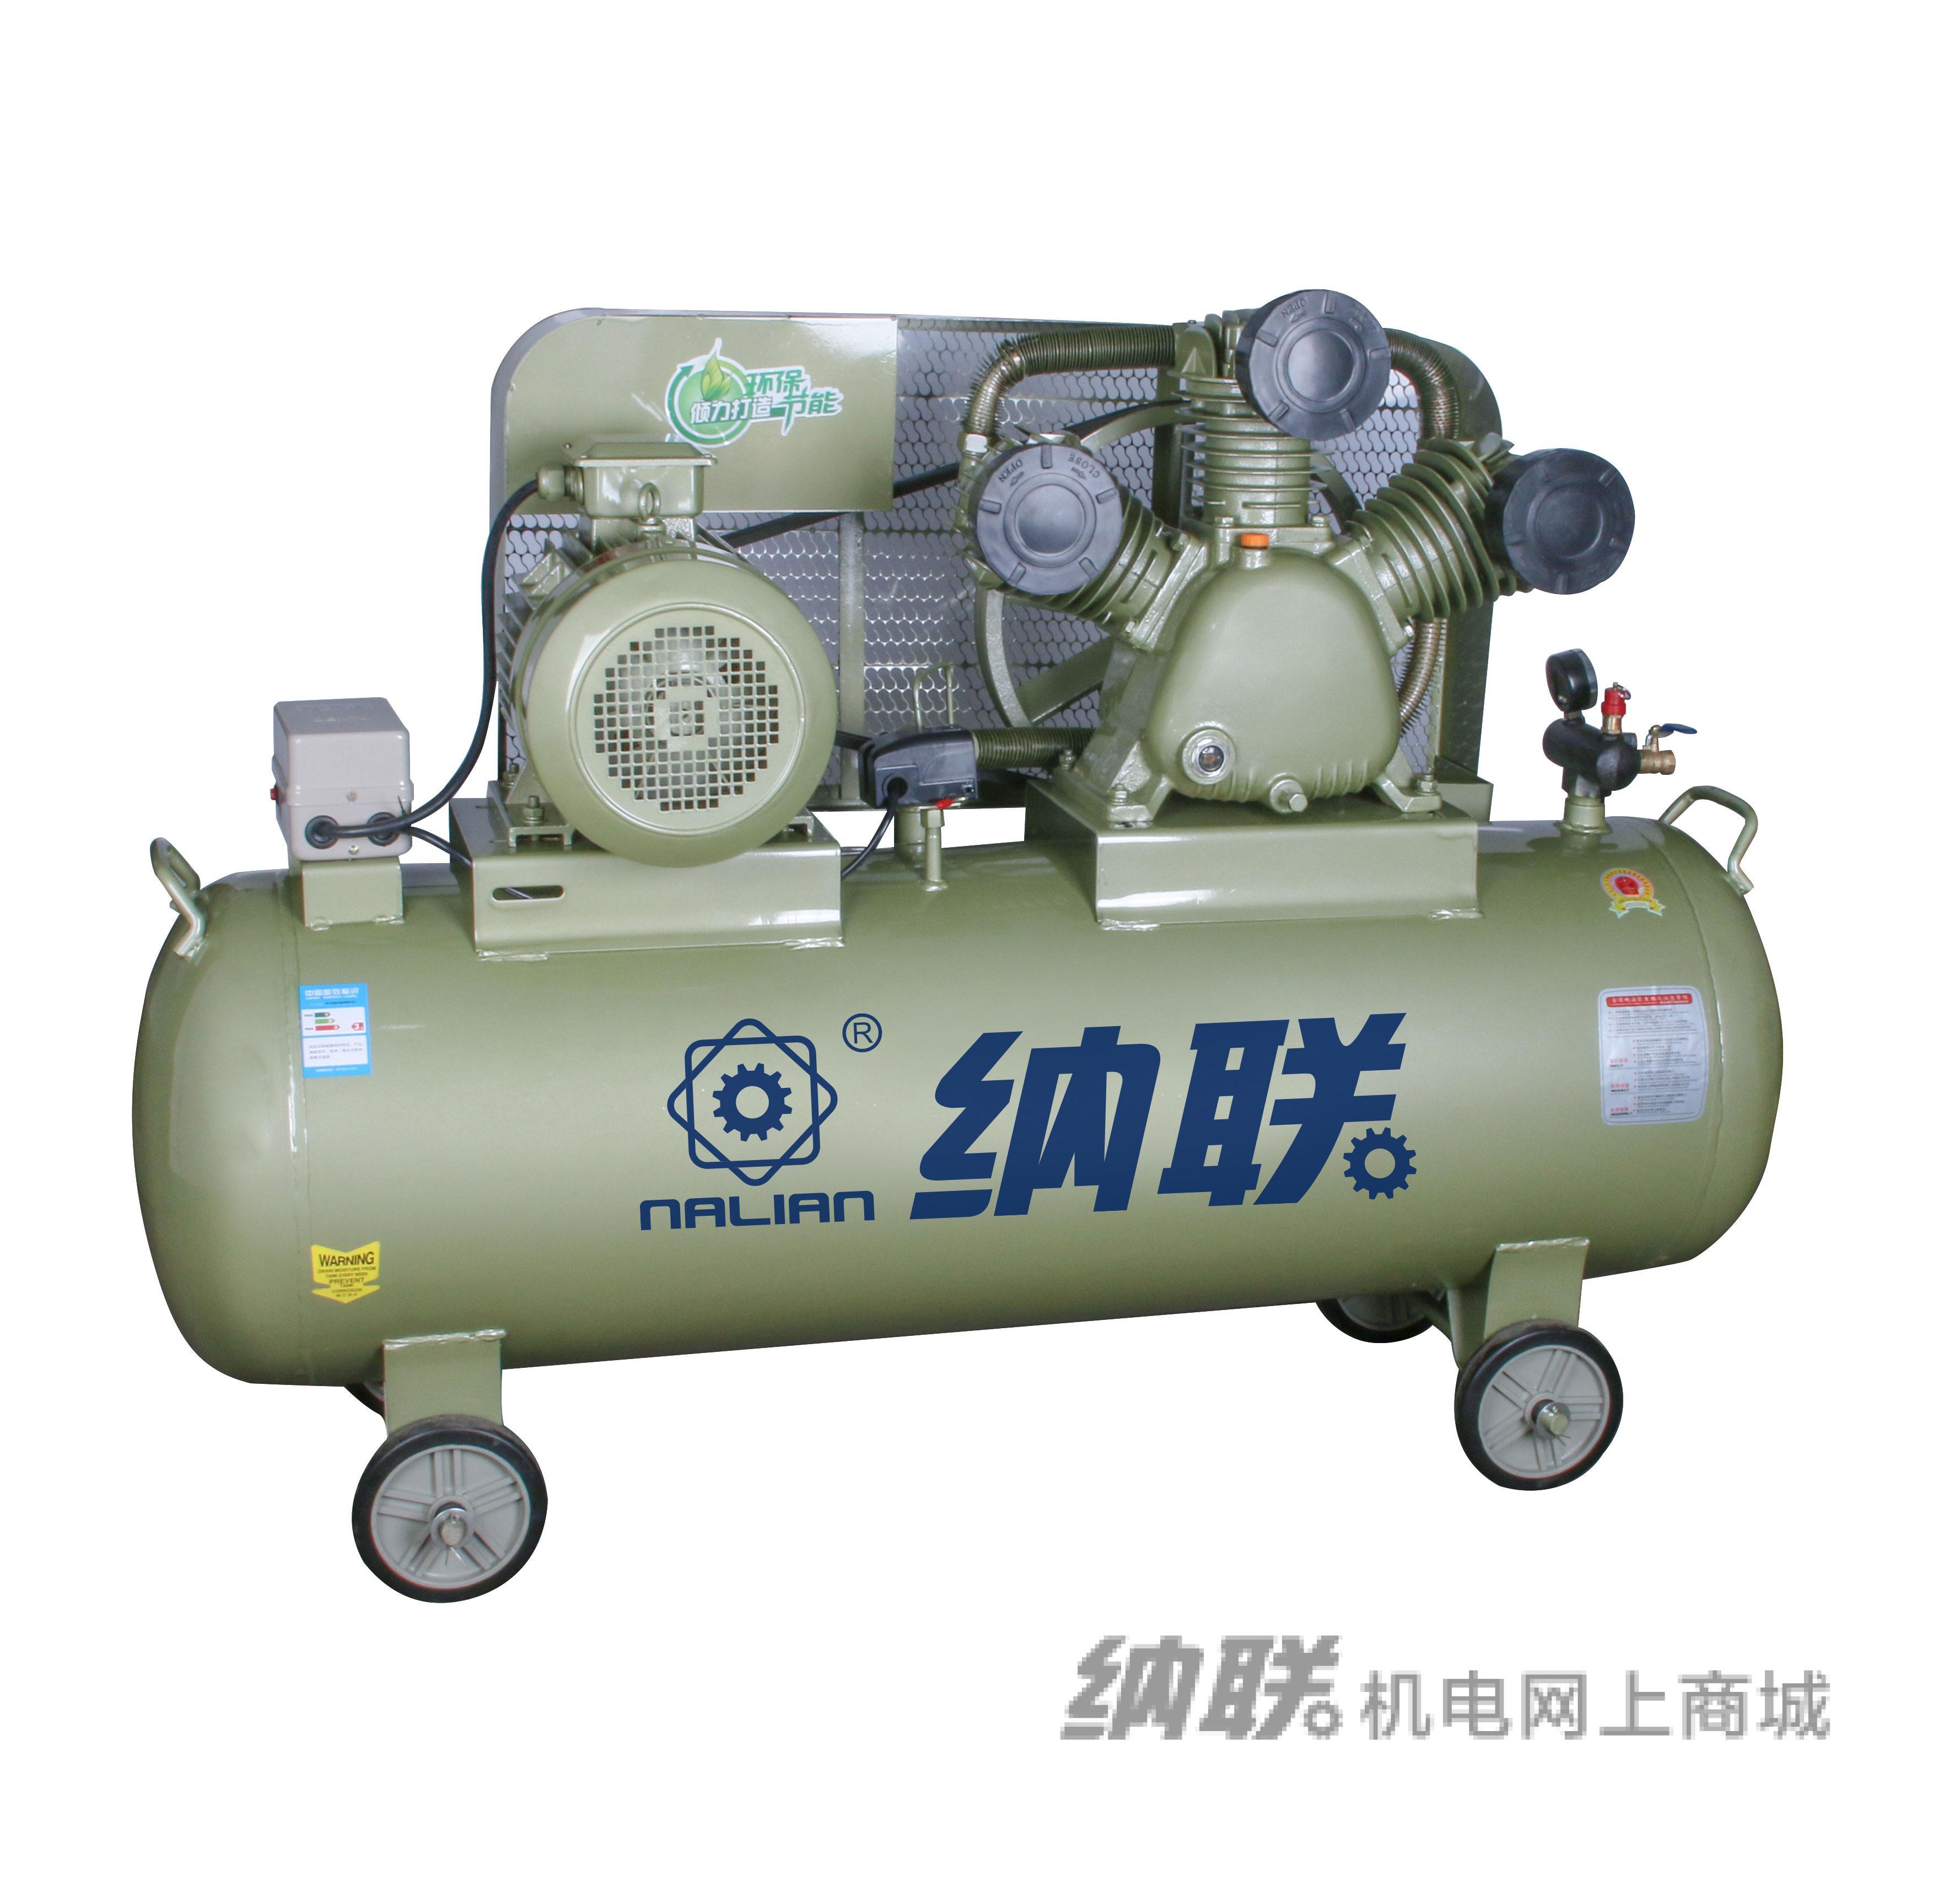 纳联机电 皮带空压机-W-1.0/8 三(无木箱)(不锈钢出气阀)(铁消声器)